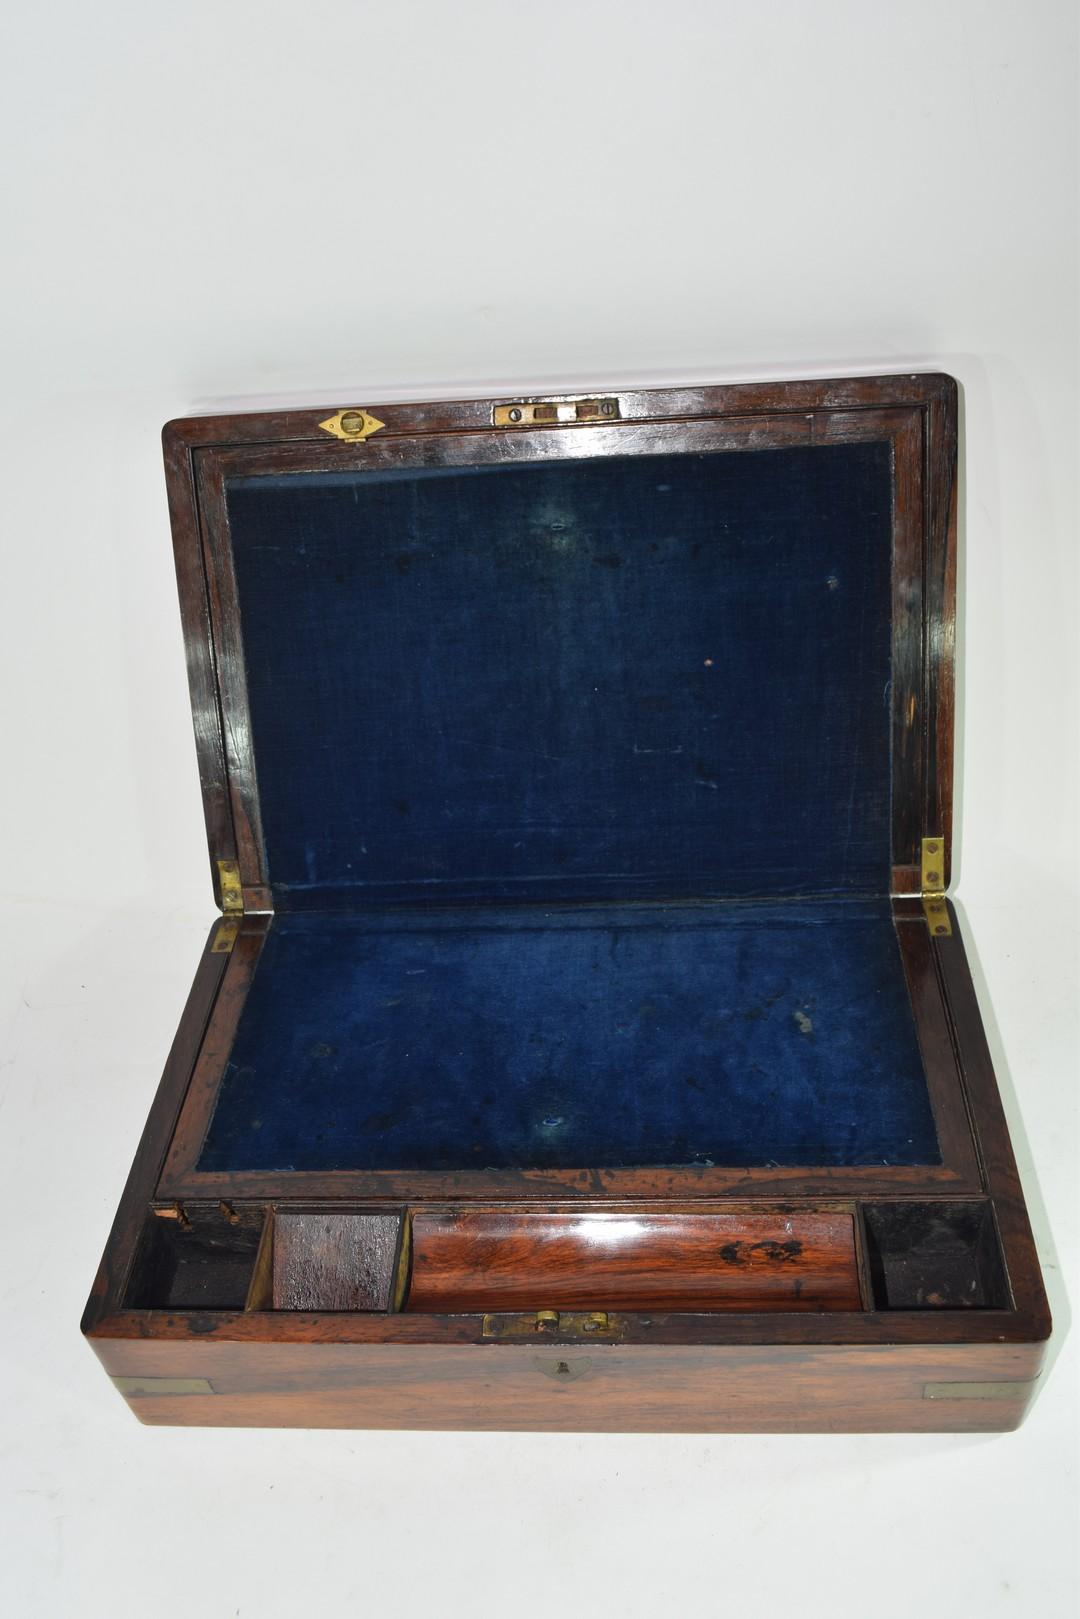 Late 19th century hardwood writing box - Image 4 of 6